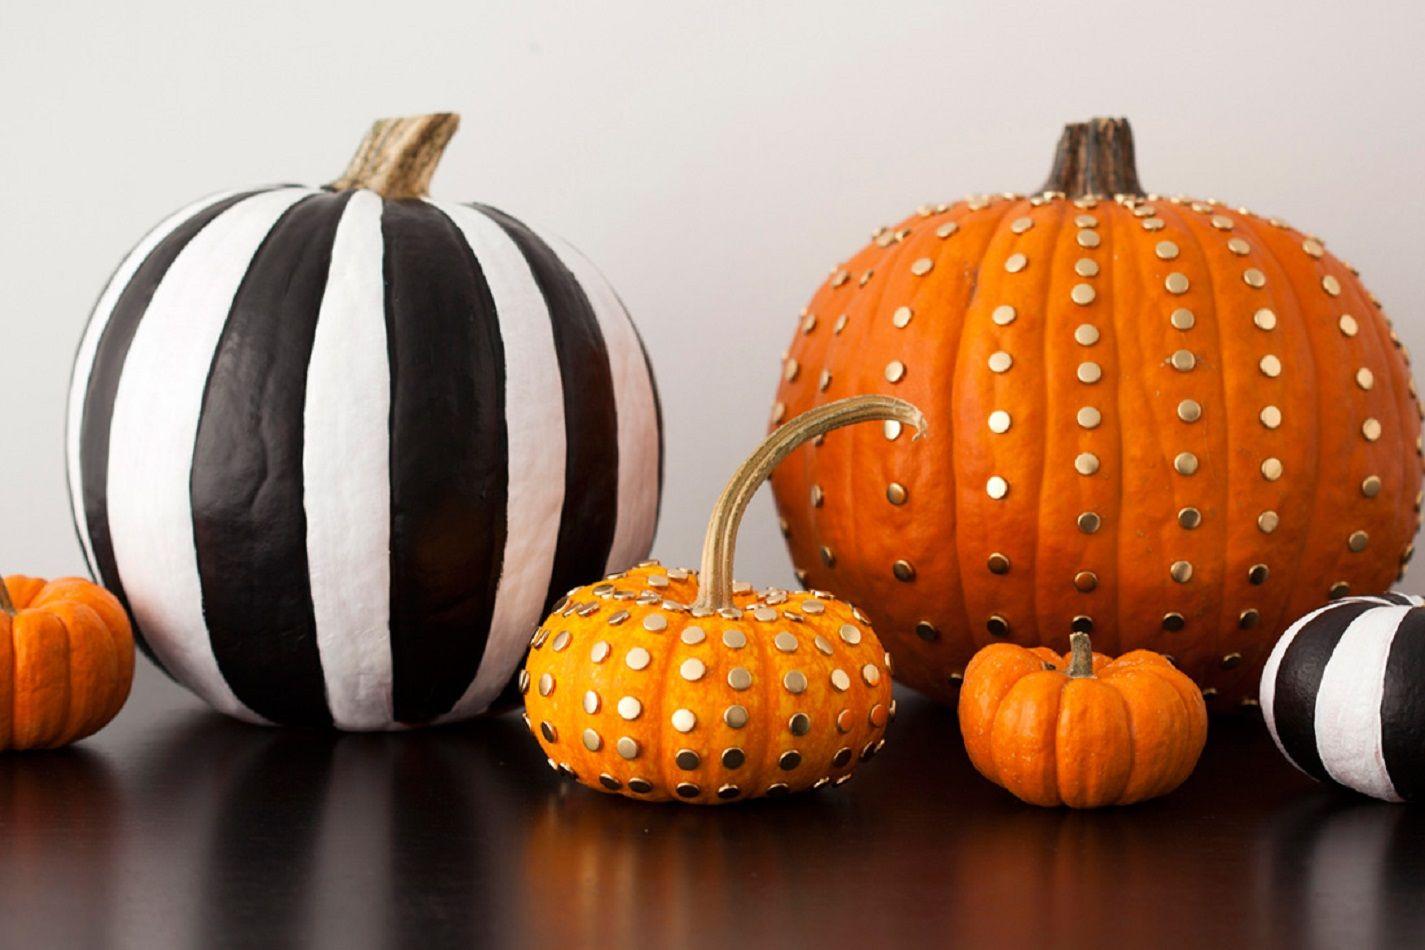 Decorare le zucche per Halloween: 10 idee originali